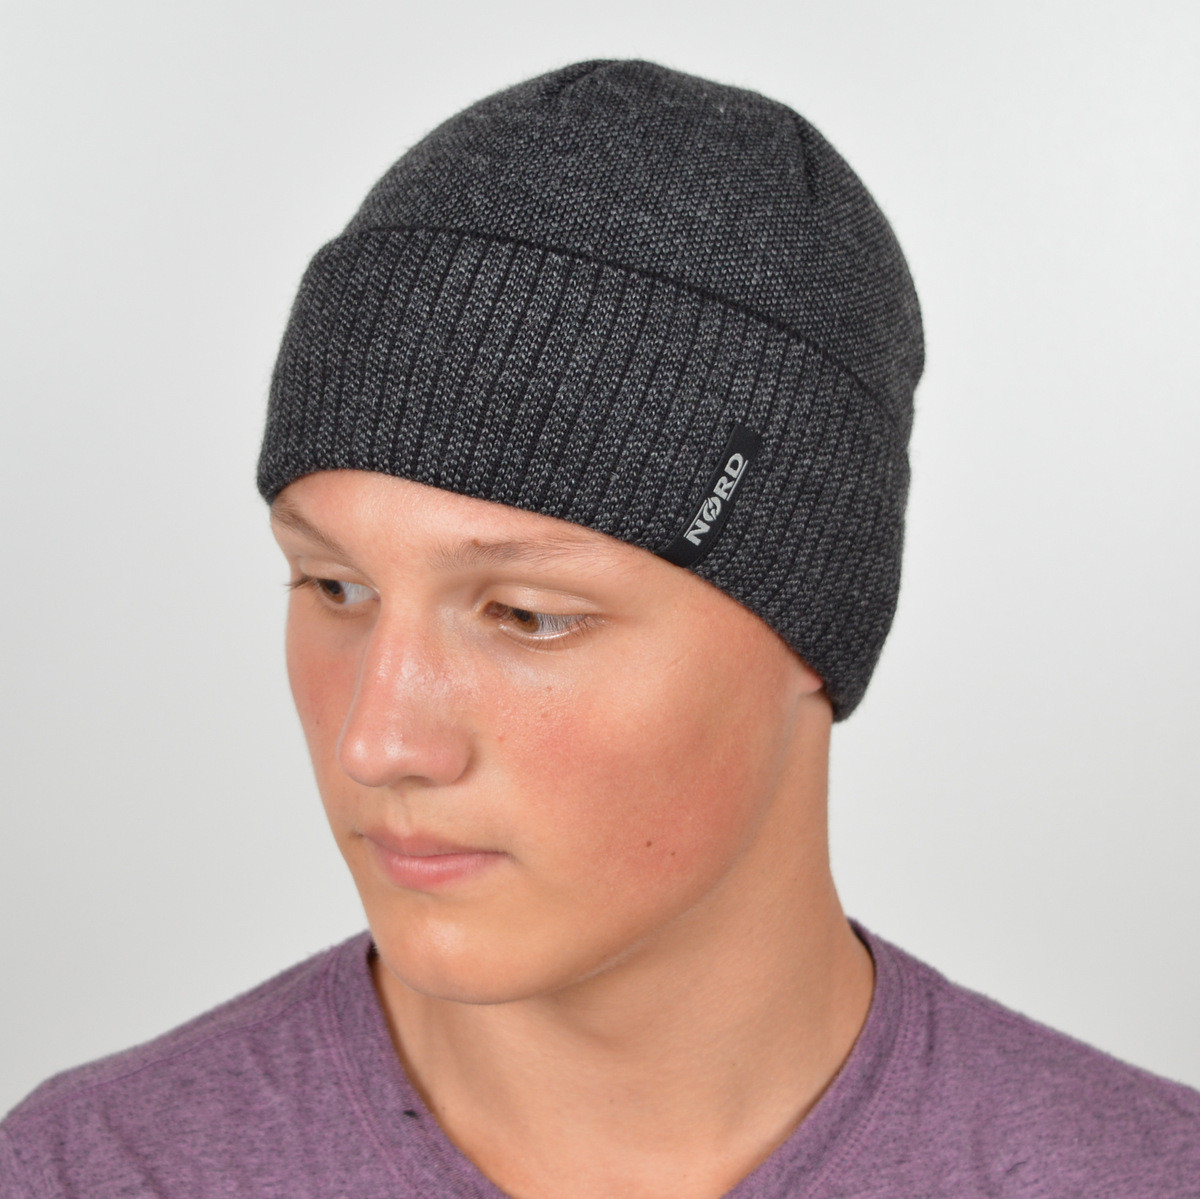 Мужская вязанная шапка NORD с отворотом черный + серый